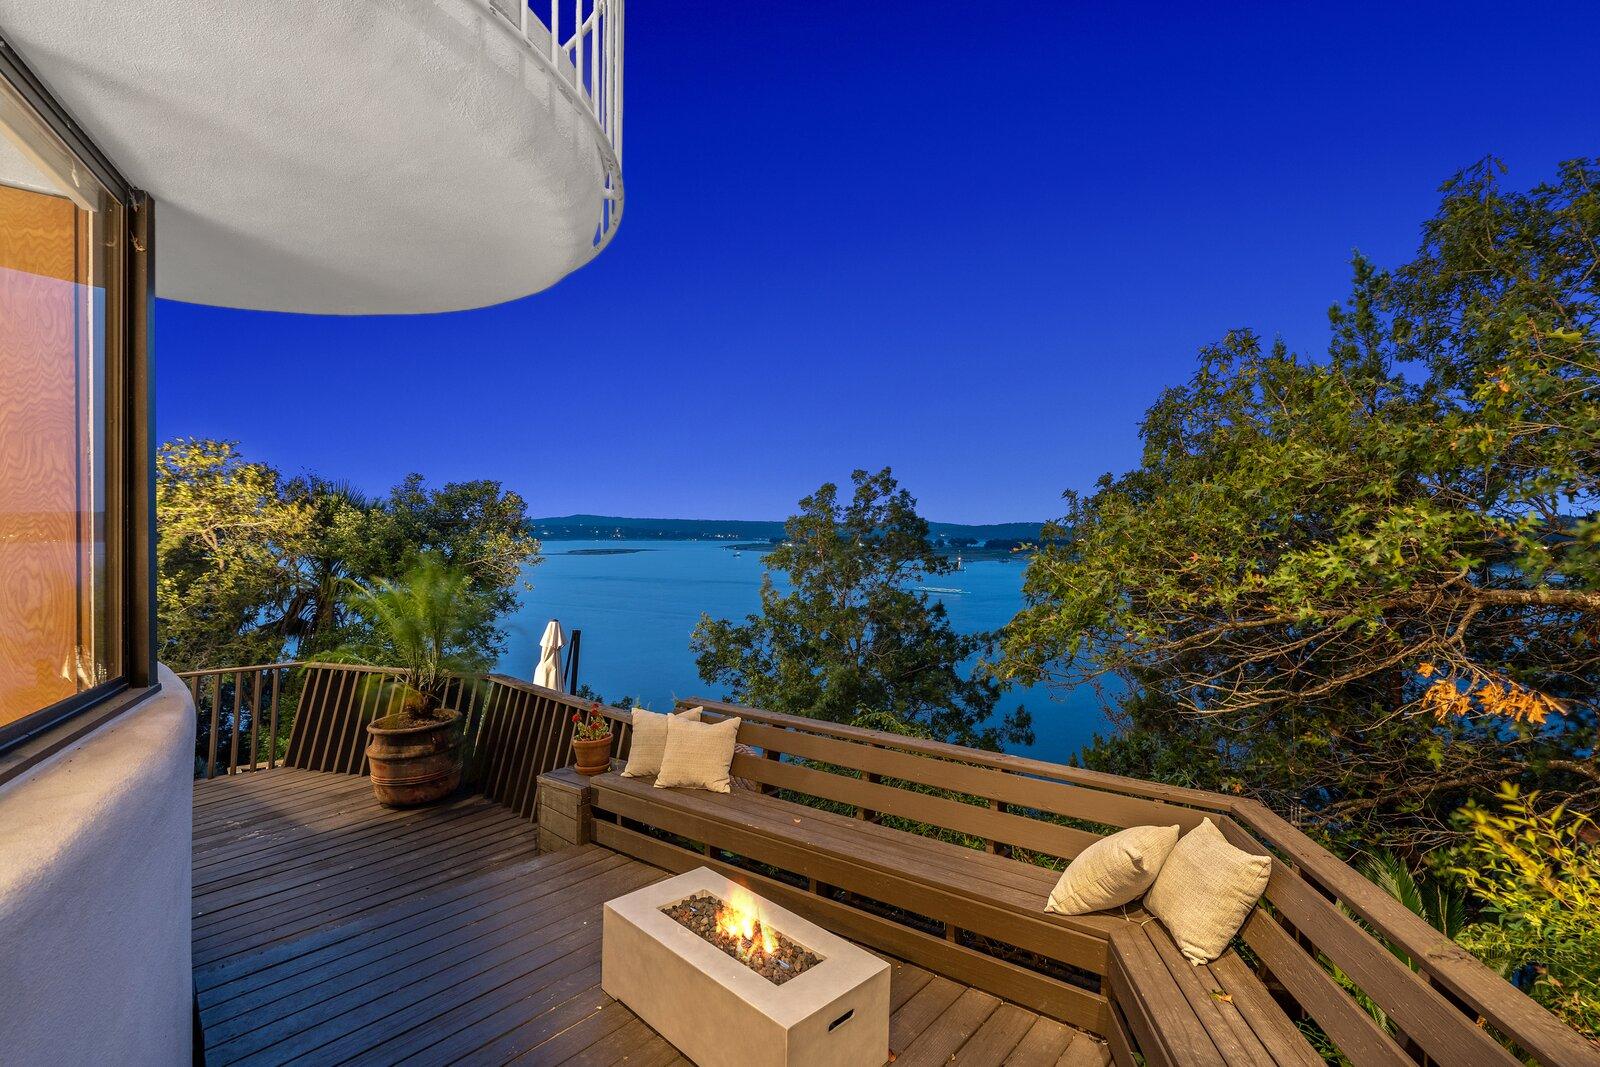 Rumah Bentuk Jamur Dijual Rp32 Miliar